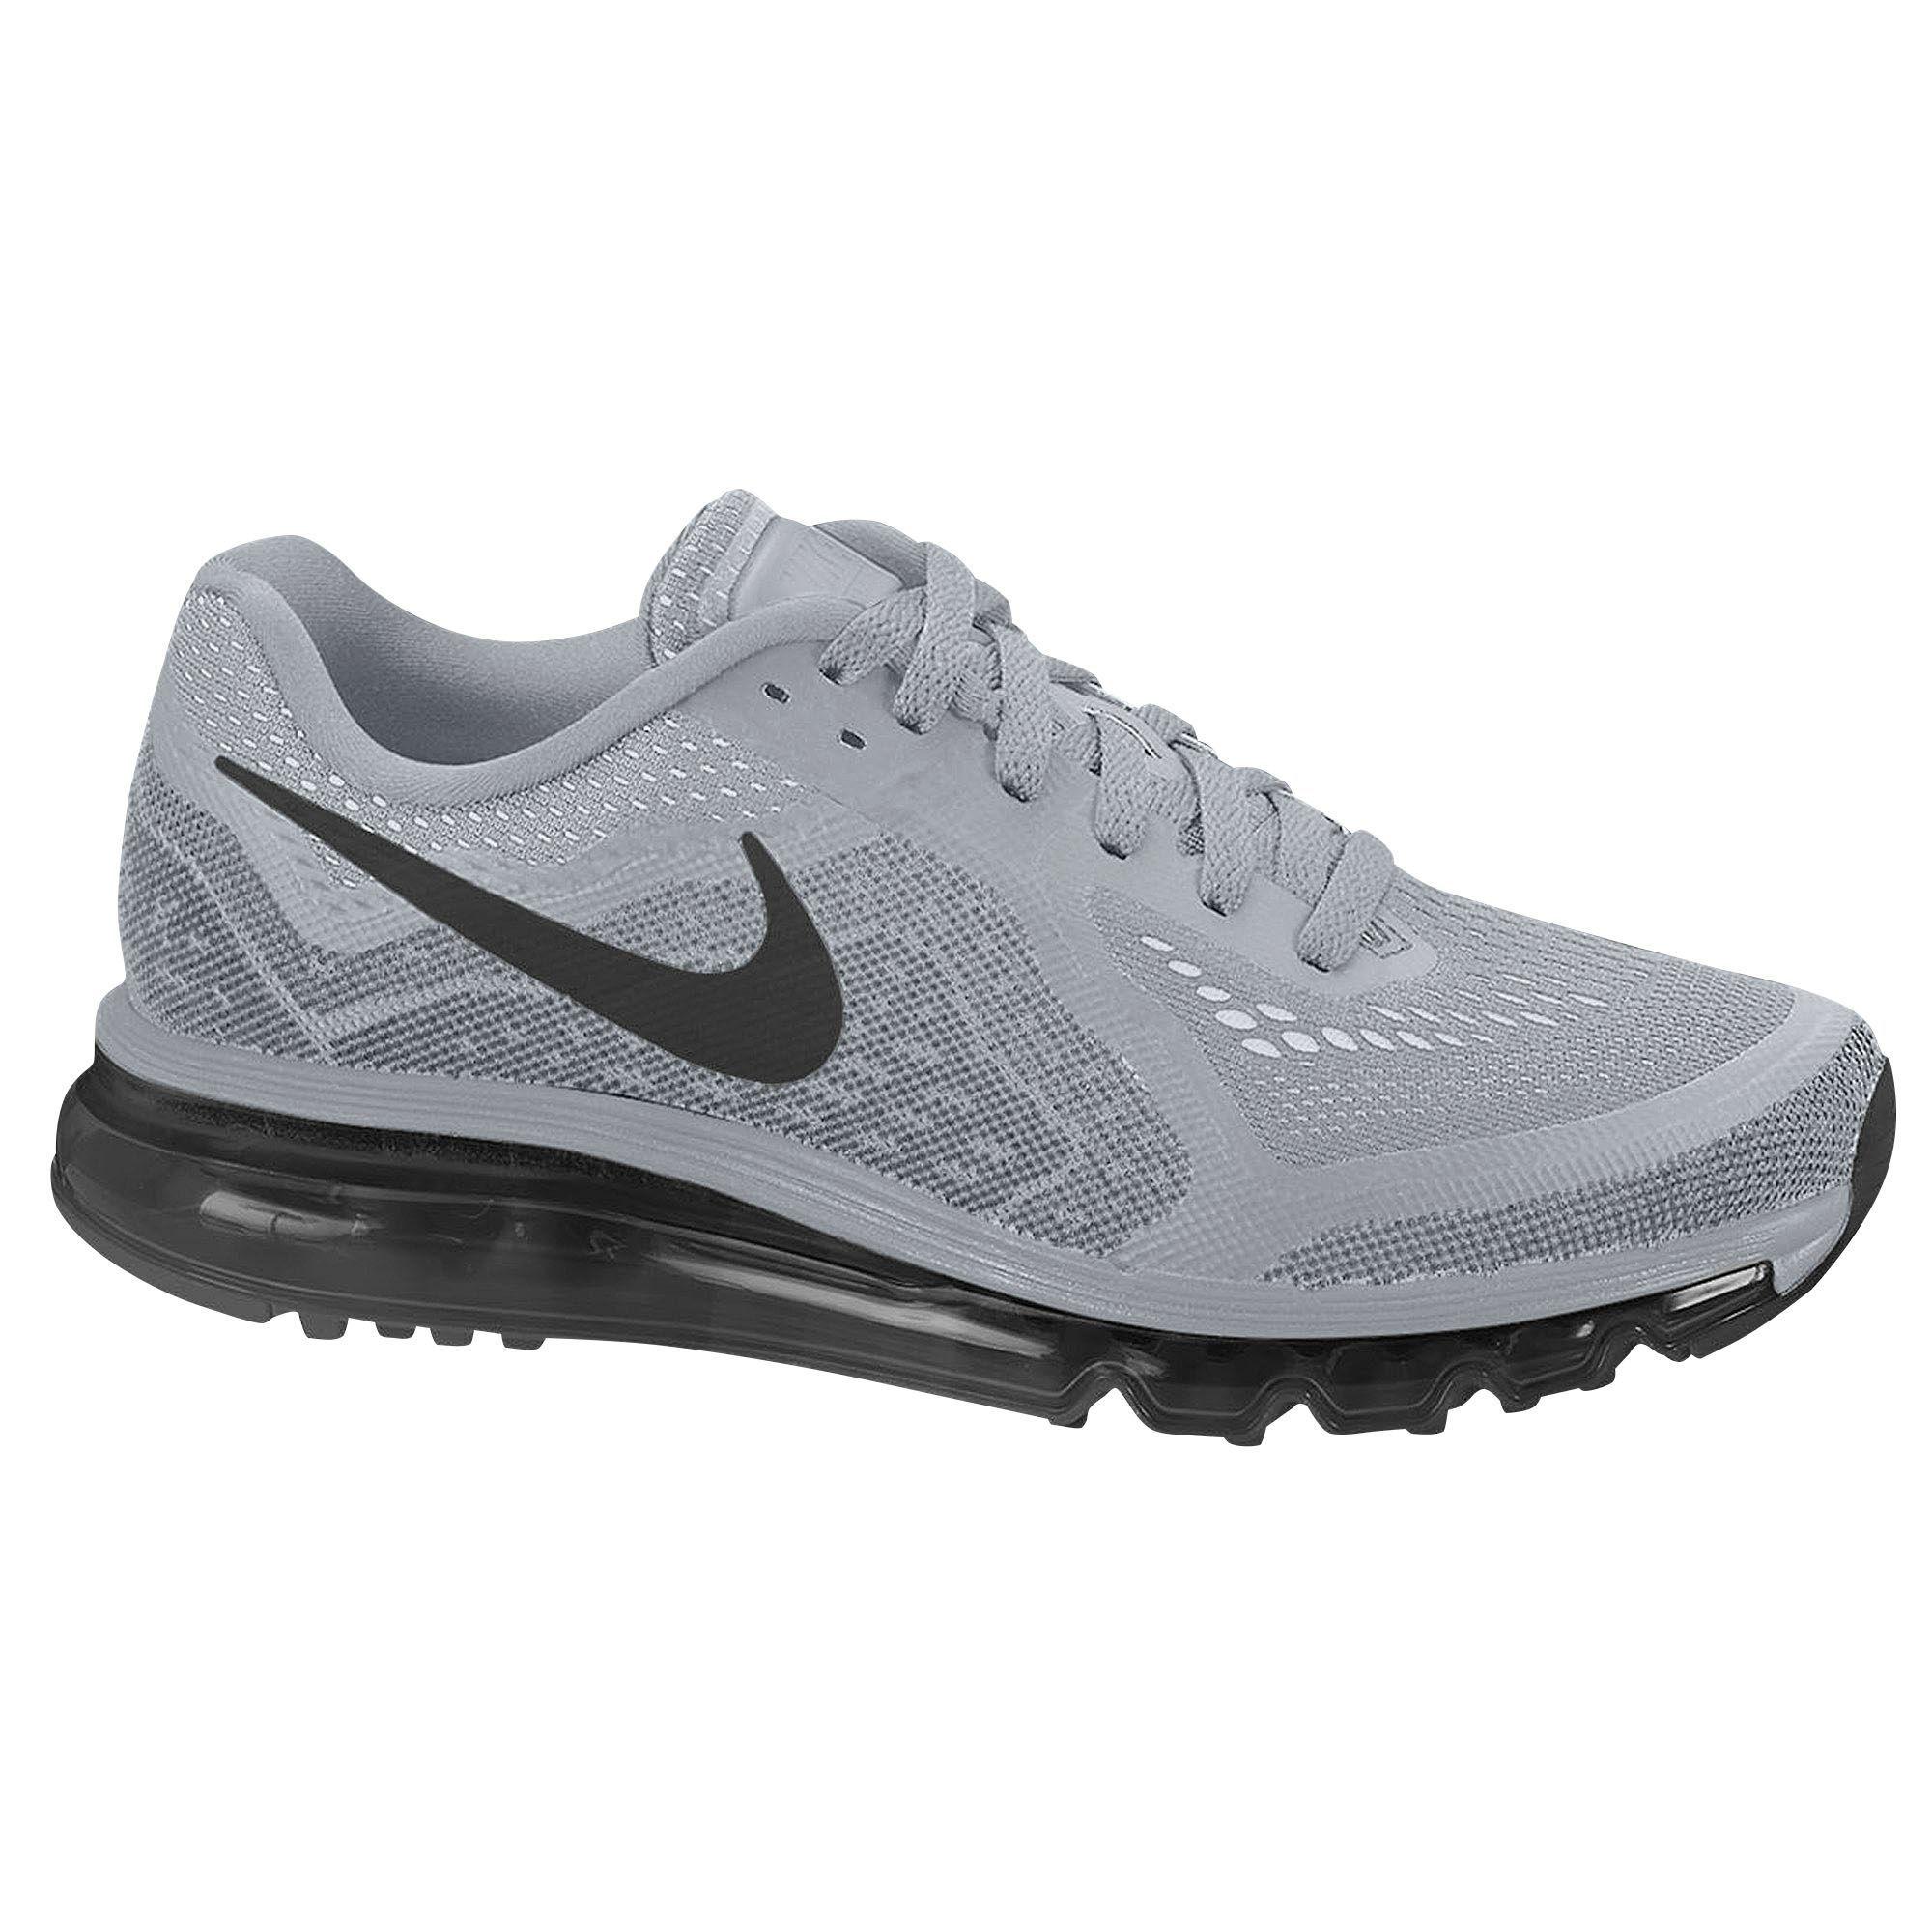 Nike Air Max 2014 Men's Shoes | Nike, Nike air max, Air